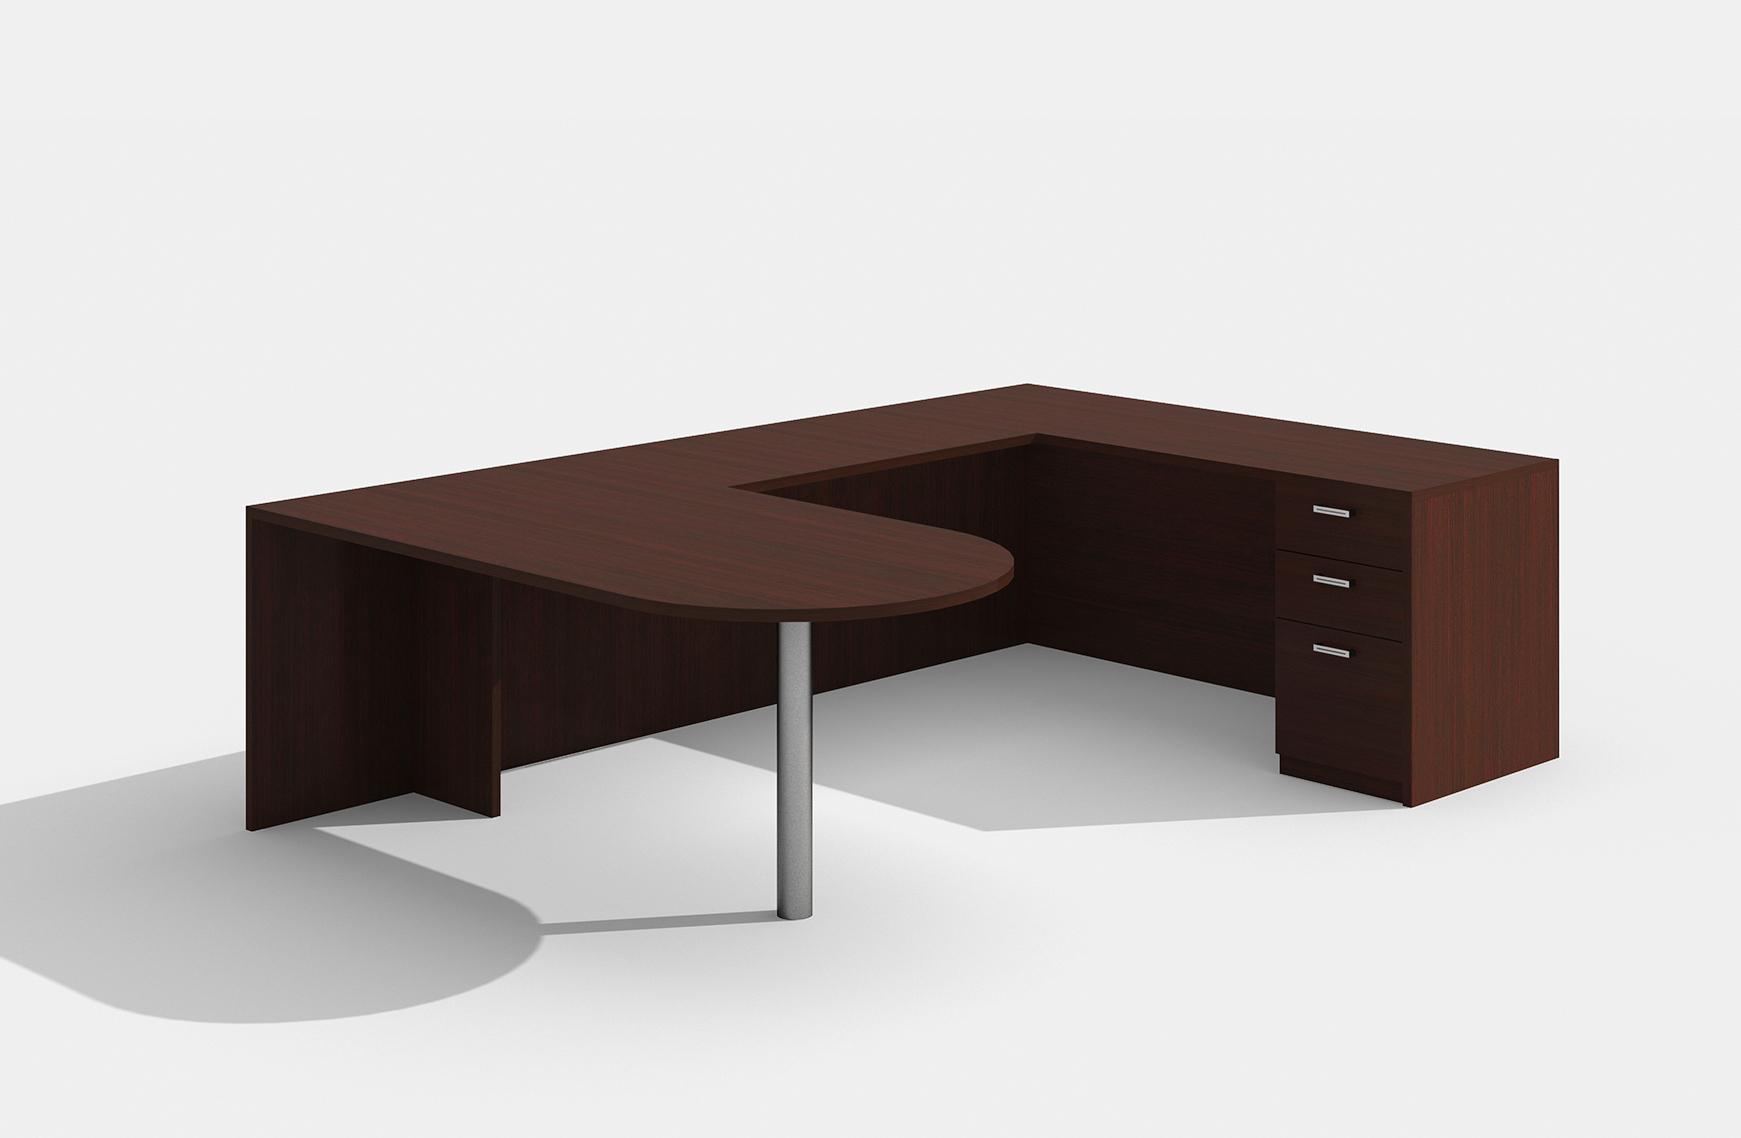 am-361n amber u desk in mahogany